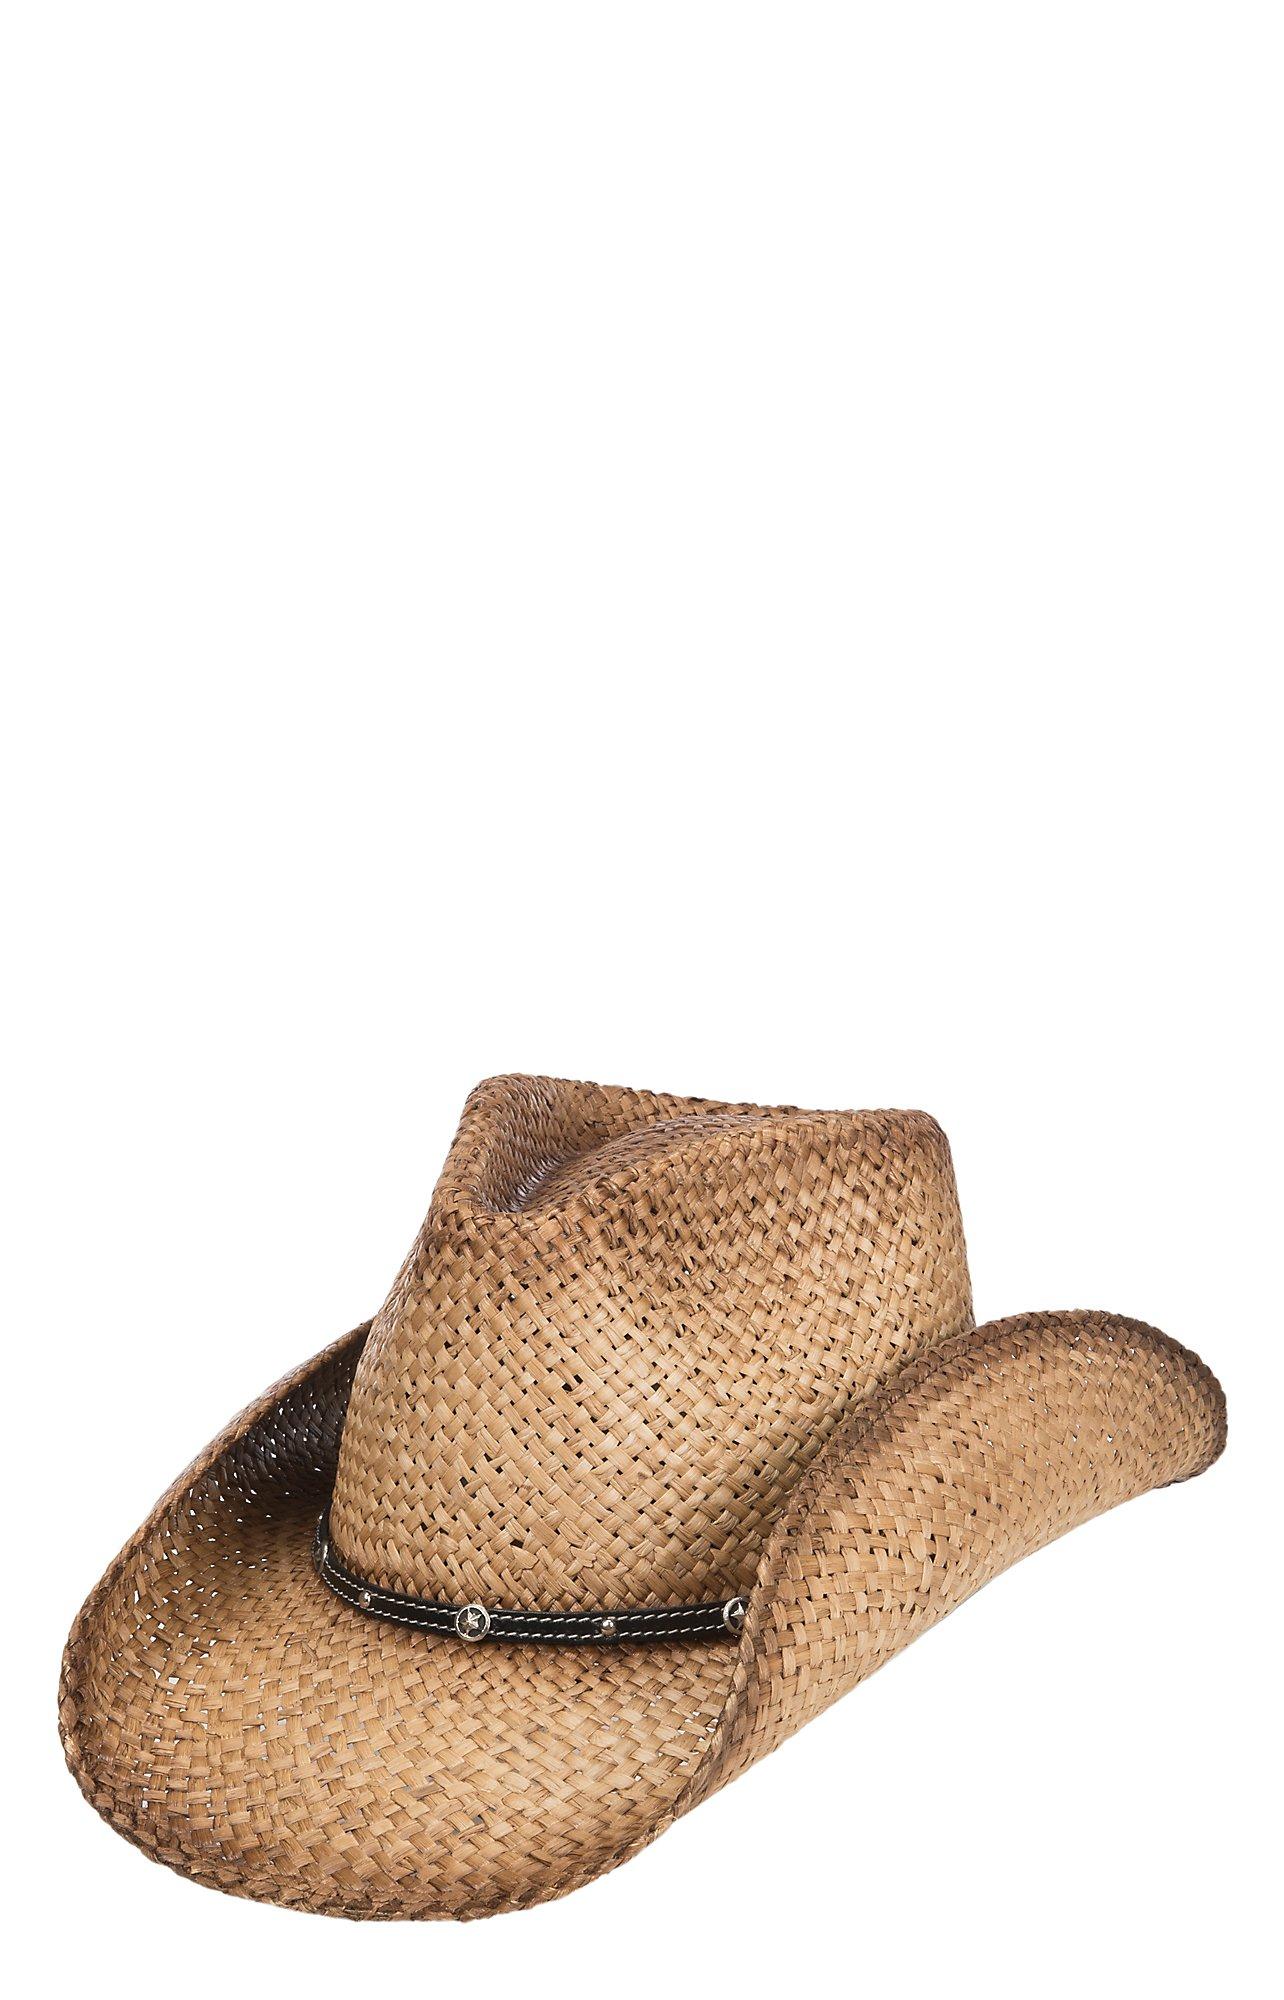 Scala By Dorfman Pacific Tan Raffia Vented Straw Fashion Cowboy Hat